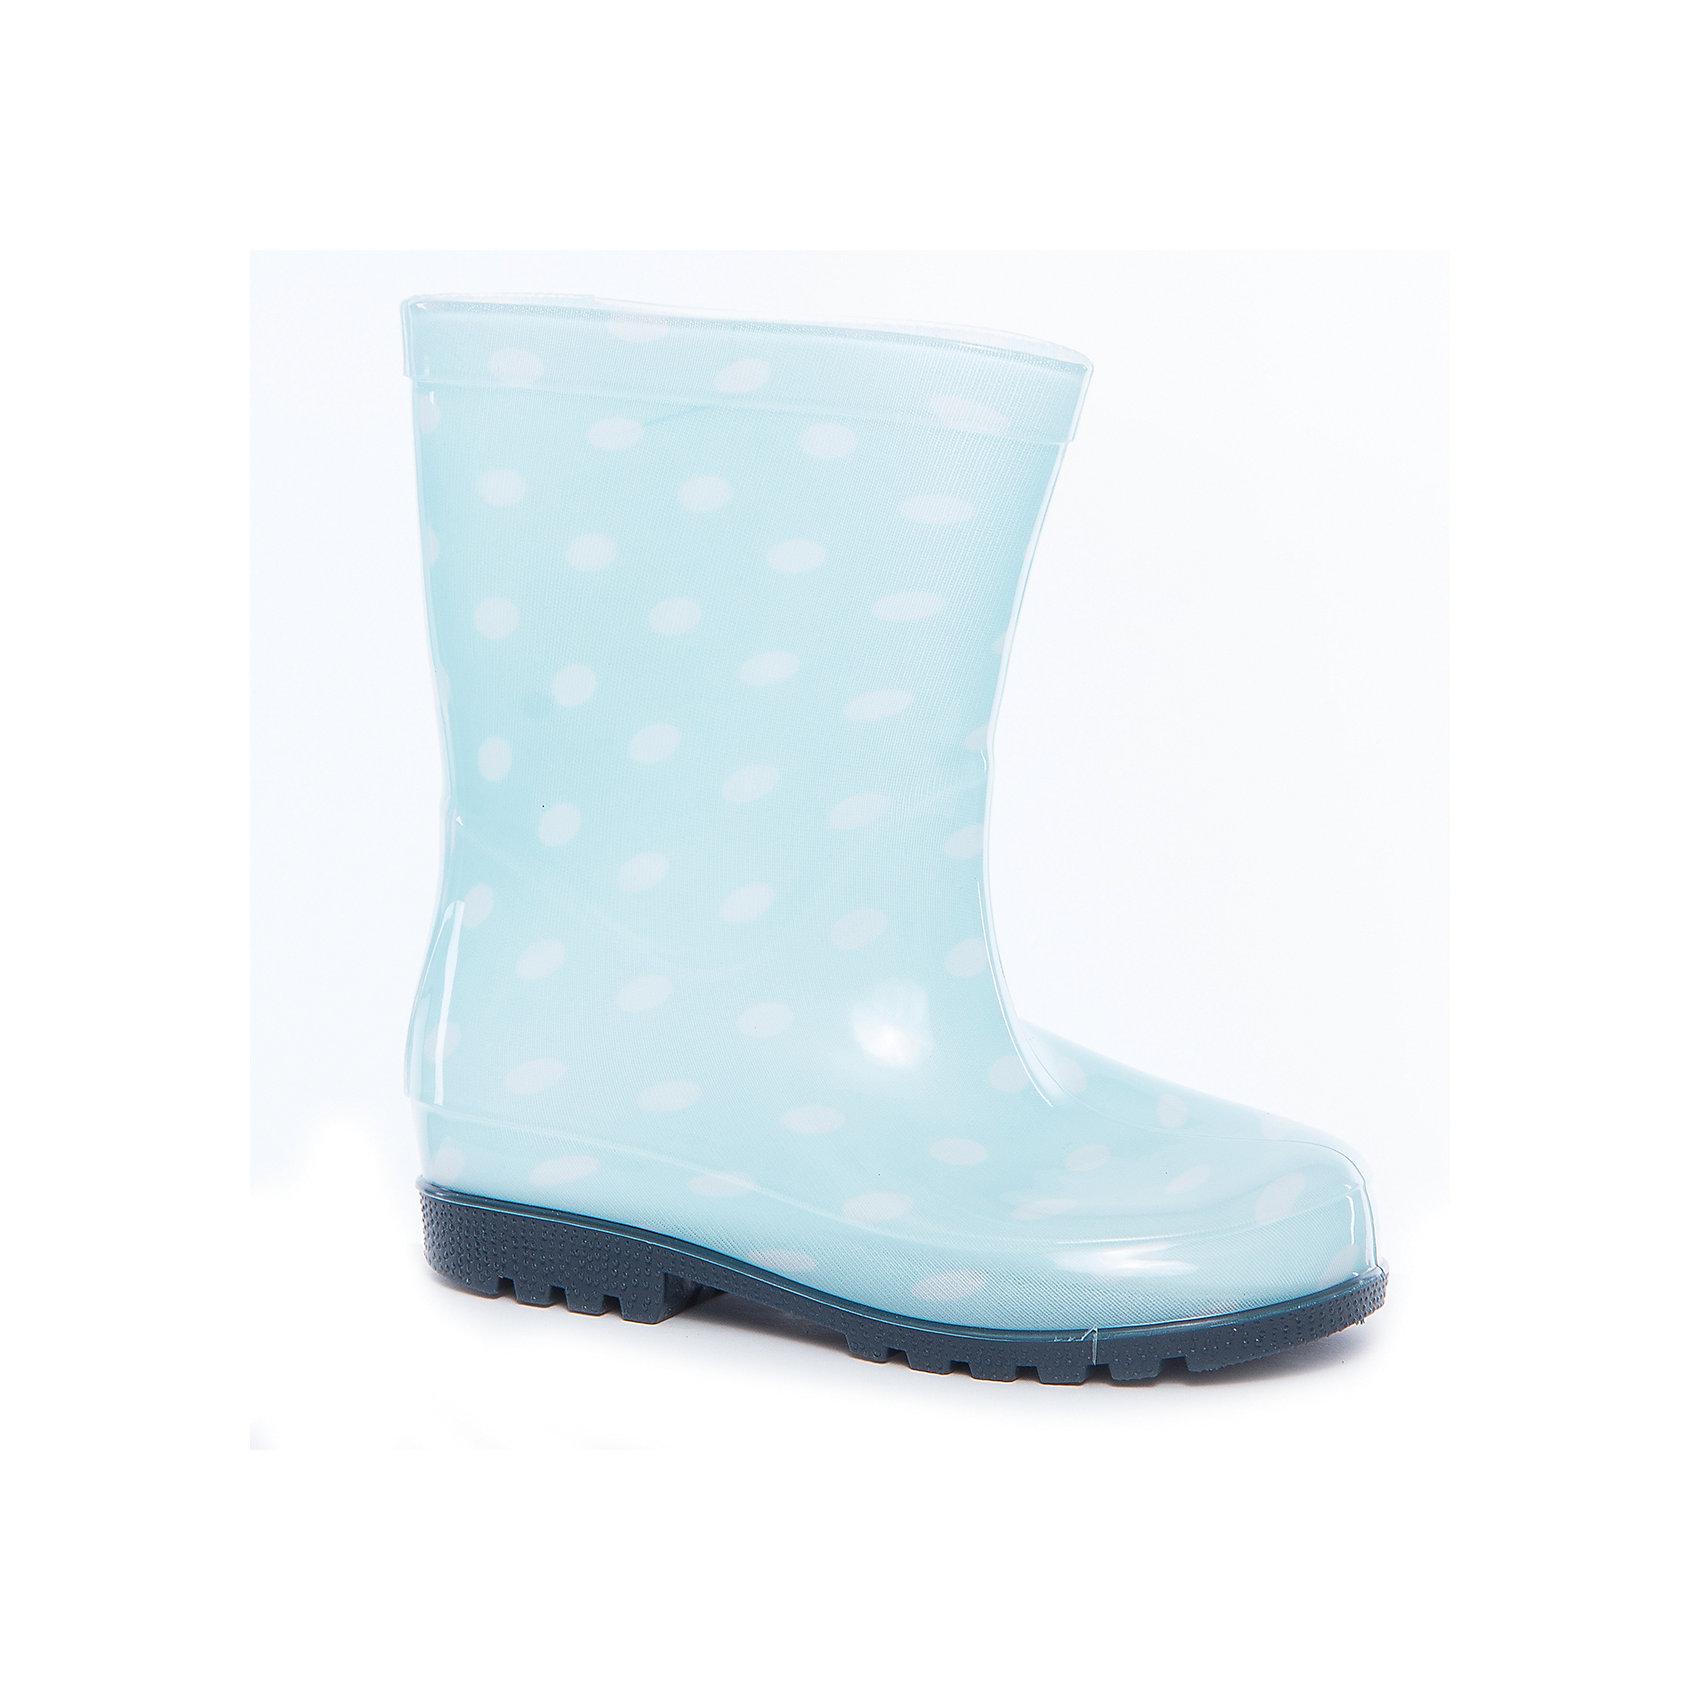 Резиновые сапоги  для девочки PlayTodayРезиновые сапоги<br>Сапоги для девочки PlayToday<br>Стильные сапоги прекрасно подойдут для прогулок в дождливую погоду. Подошва из гибкого, не скользящего материала. Рифление обеспечивает хорошее сцепление с поверхностью. Удобная пятка укреплена жестким задником. Модель плотно садится на ноге ребенка, что обеспечивает комфорт при носке. <br><br>Преимущества: <br><br>Подошва из гибкого, нескользящего материала<br>Рифление подошвы обеспечивает хорошее сцепление с поверхностью<br>Сапоги на небольшом устойчивом каблуке<br><br>Состав:<br>Верх:100%поливинилхлорид;Подкладка:100%нейлон;Подошва:100%поливинилхлорид<br><br>Ширина мм: 257<br>Глубина мм: 180<br>Высота мм: 130<br>Вес г: 420<br>Цвет: голубой<br>Возраст от месяцев: 132<br>Возраст до месяцев: 144<br>Пол: Женский<br>Возраст: Детский<br>Размер: 35,32,28,29,30,31,33,34<br>SKU: 5404681